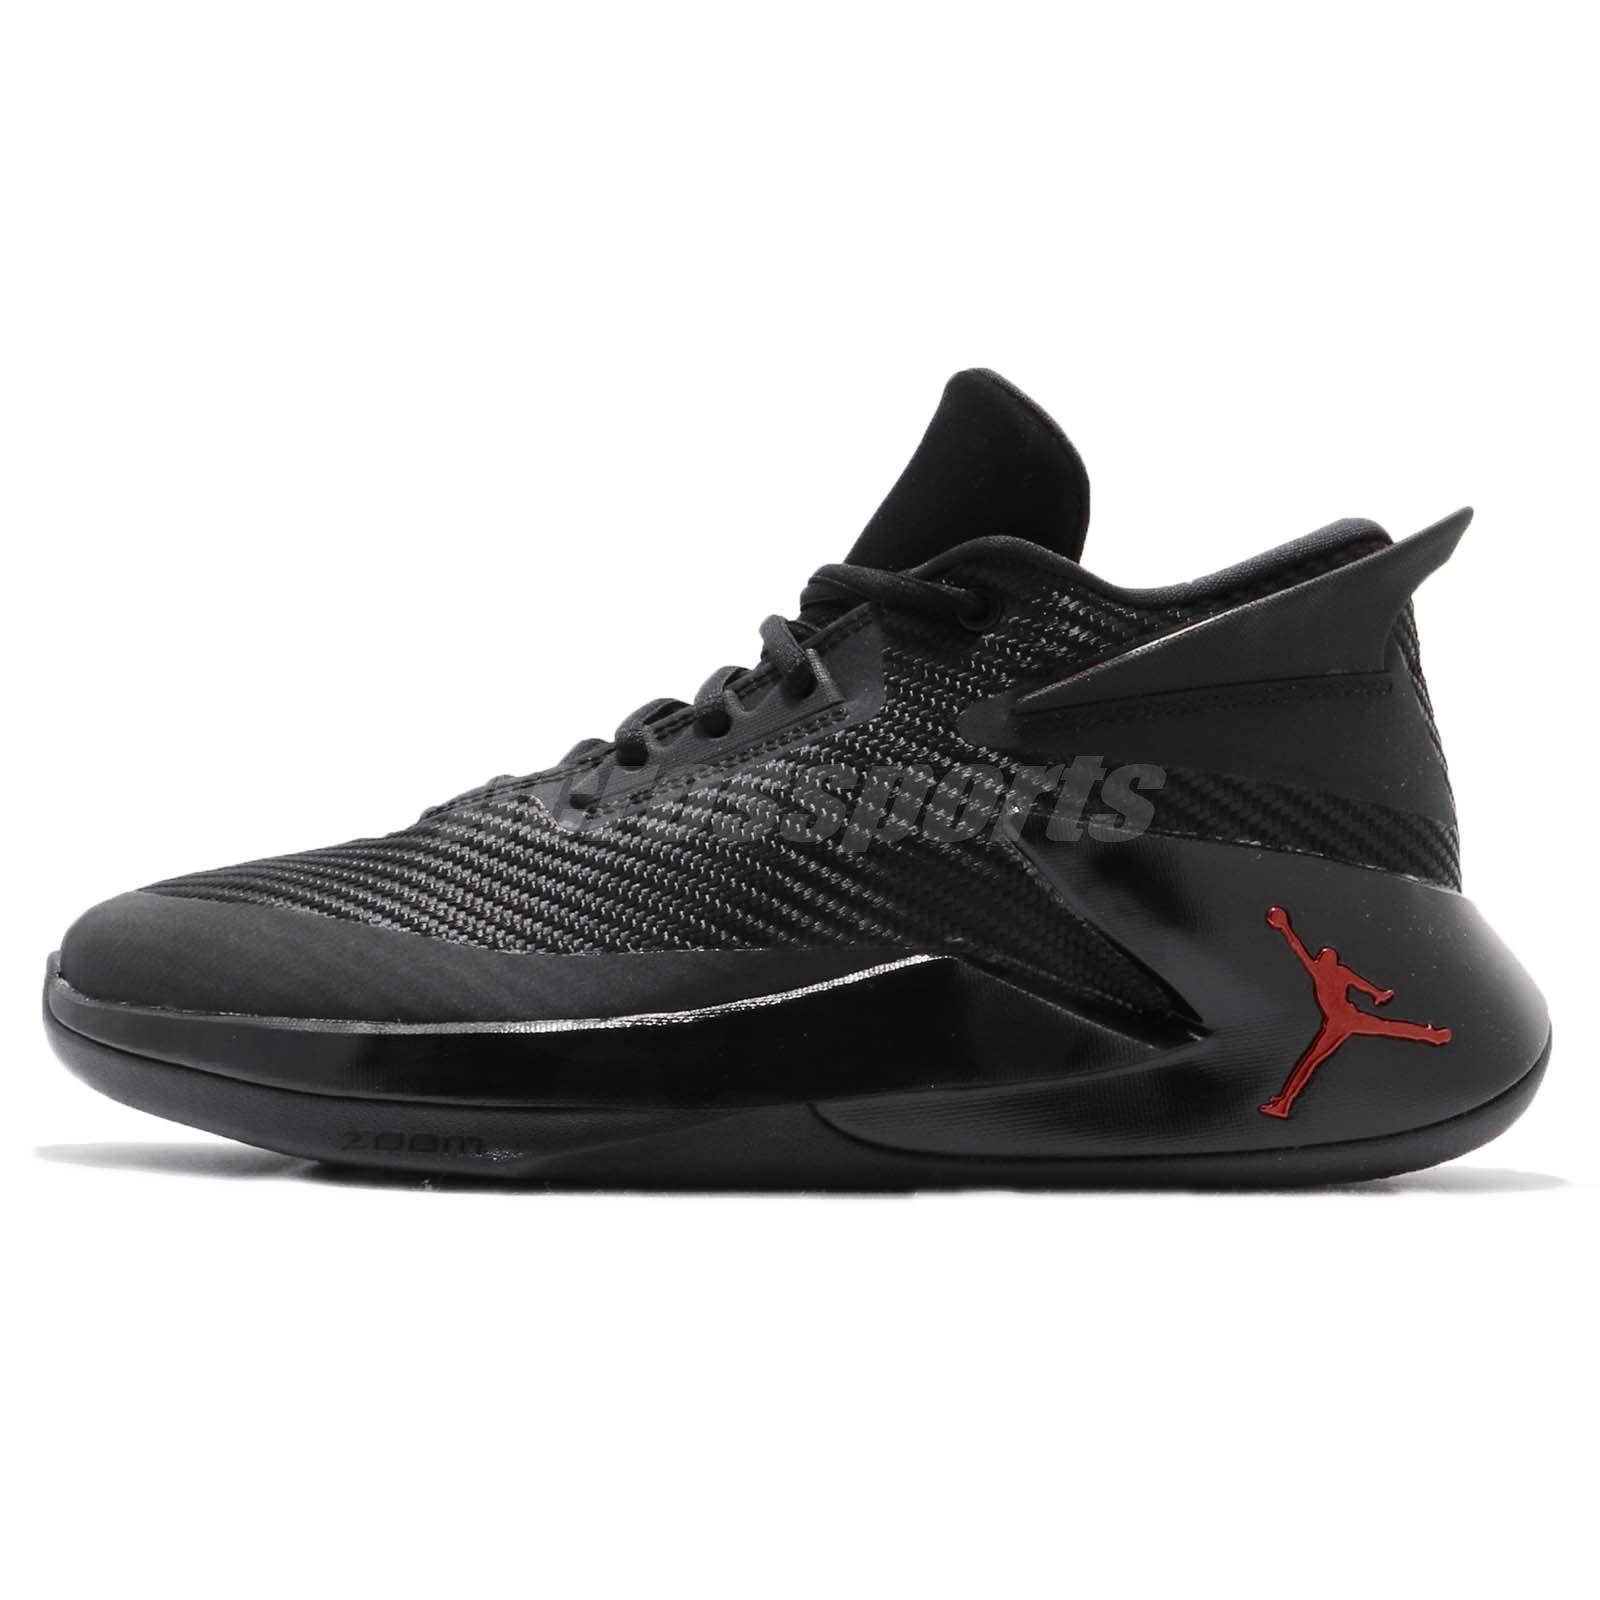 9d2915019bf1 Nike Jordan Fly Lockdown PFX Last Shot Black Red Men Basketball Shoes AO1550 -012